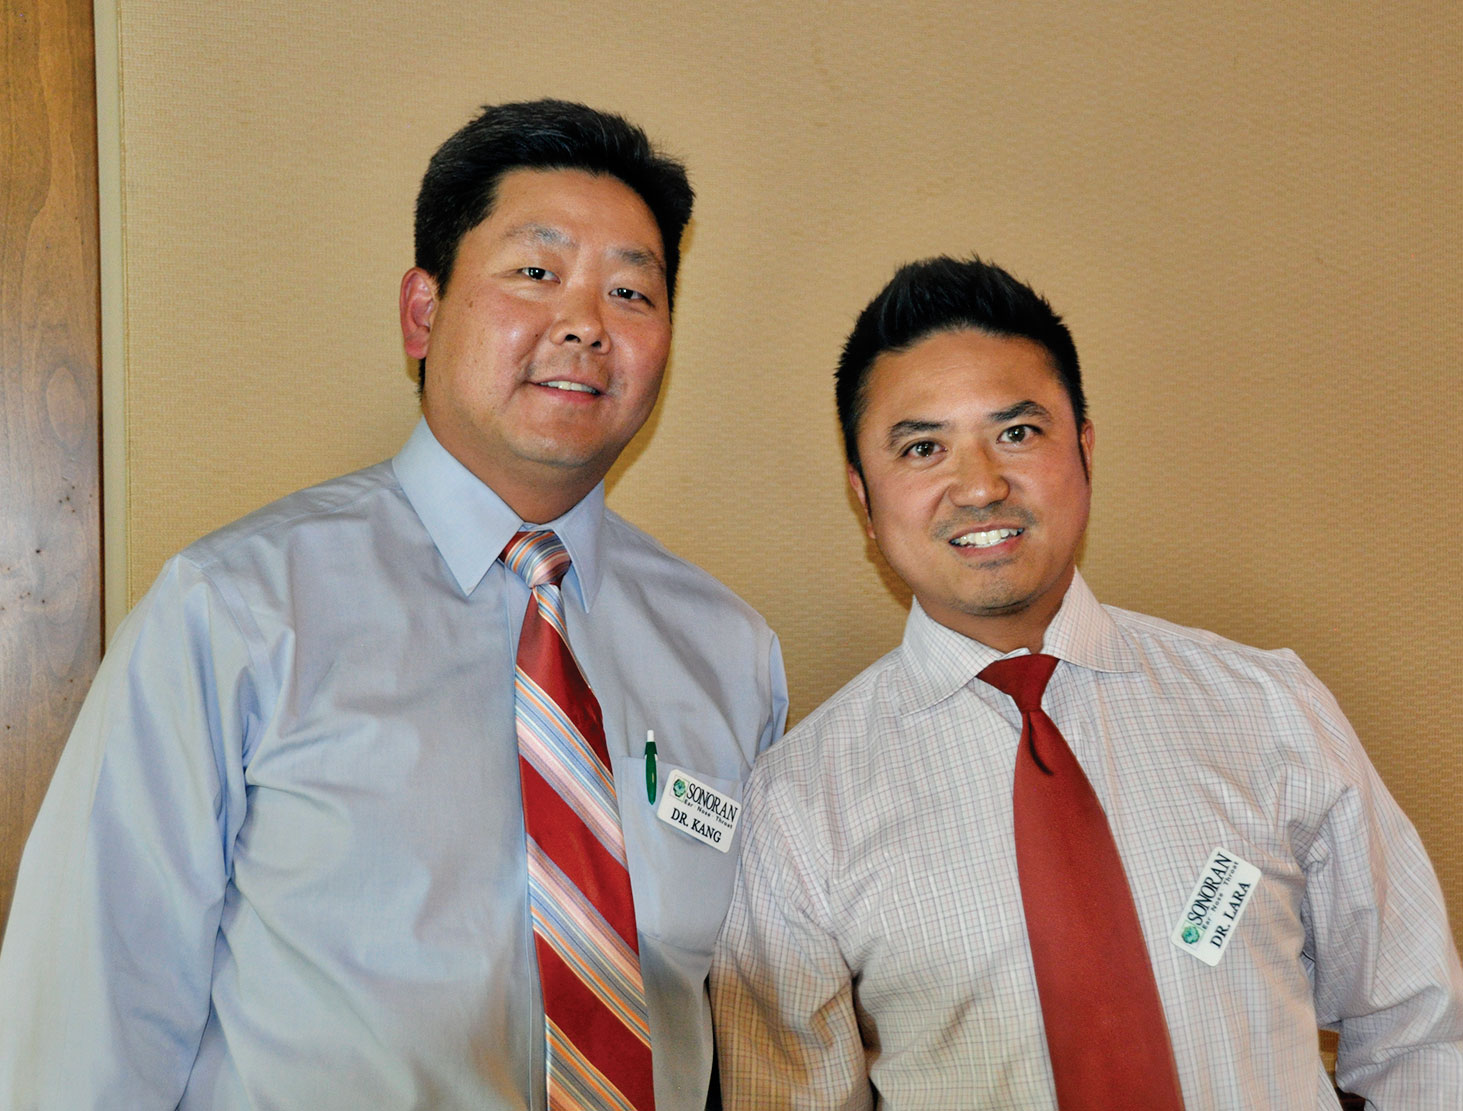 Dr. Kang and Dr. Lara